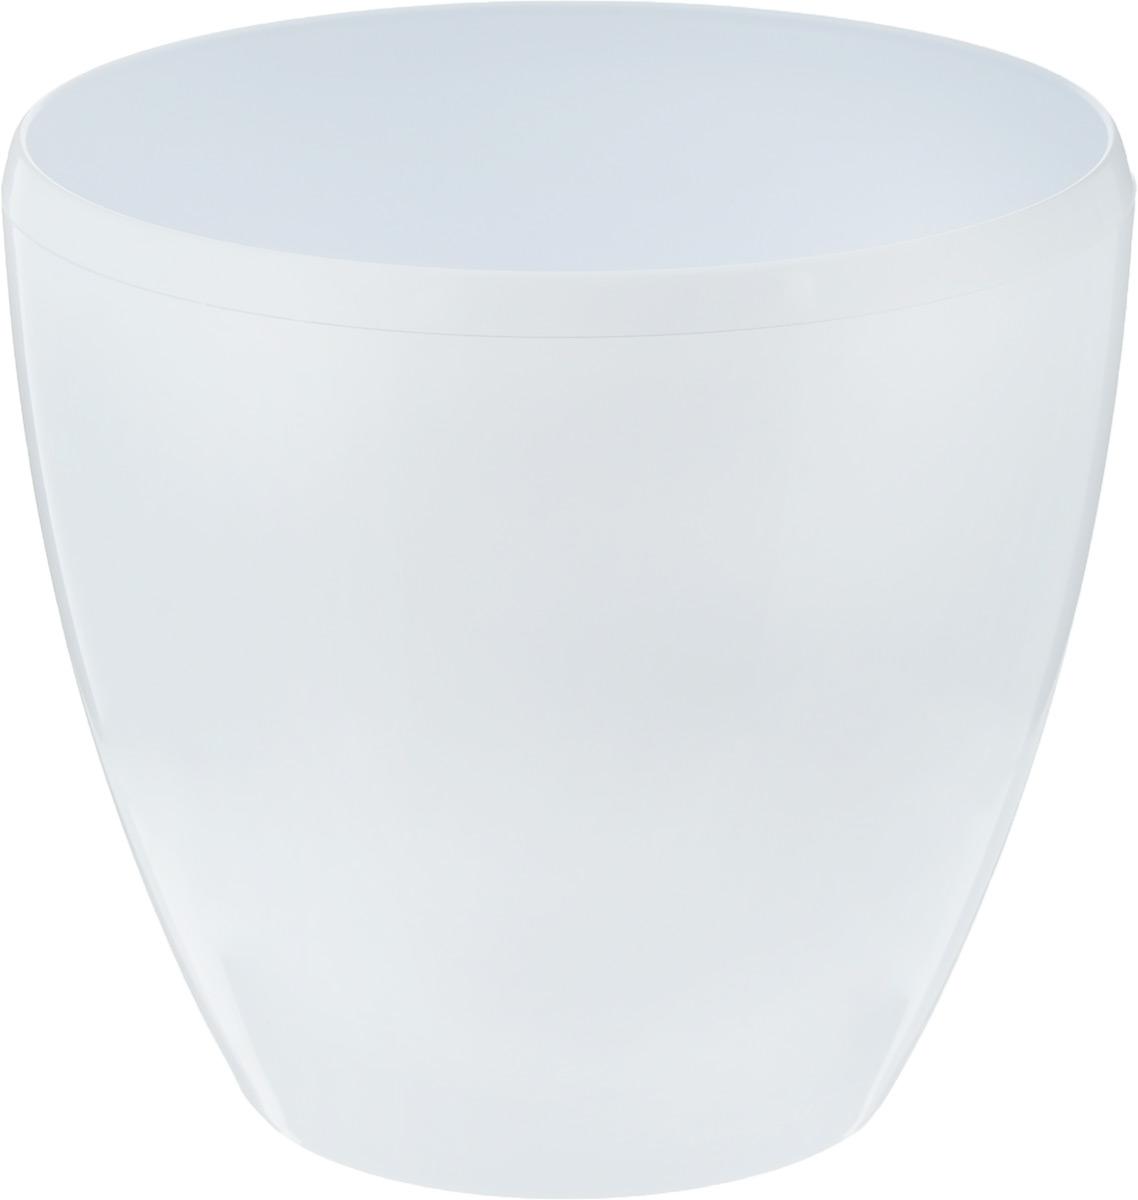 Горшок цветочный Santino Deco Twin, с системой автополива, цвет: белый, 4 лДЕК 4 БЕЛГоршок цветочный Santino Decotwin изготовлен из прочного пластика. Изделие предназначено для выращивания цветов и других растений в домашних условиях. Горшок снабжен системой автополива, которая гарантирует здоровье ваших цветов. Автополив значительно экономит время, так как не нужно изо дня в день поливать цветы. Кроме того, цветы всегда будут обеспечены влагой, если вы забыли их полить. Благодаря тому, что вода не застаивается, корни растут здоровыми. Такой горшок порадует вас изысканным дизайном и функциональностью, а также оригинально украсит интерьер помещения. Диаметр горшка (по верхнему краю): 20 см. Высота горшка: 17,5 см. Объем горшка: 4 л.